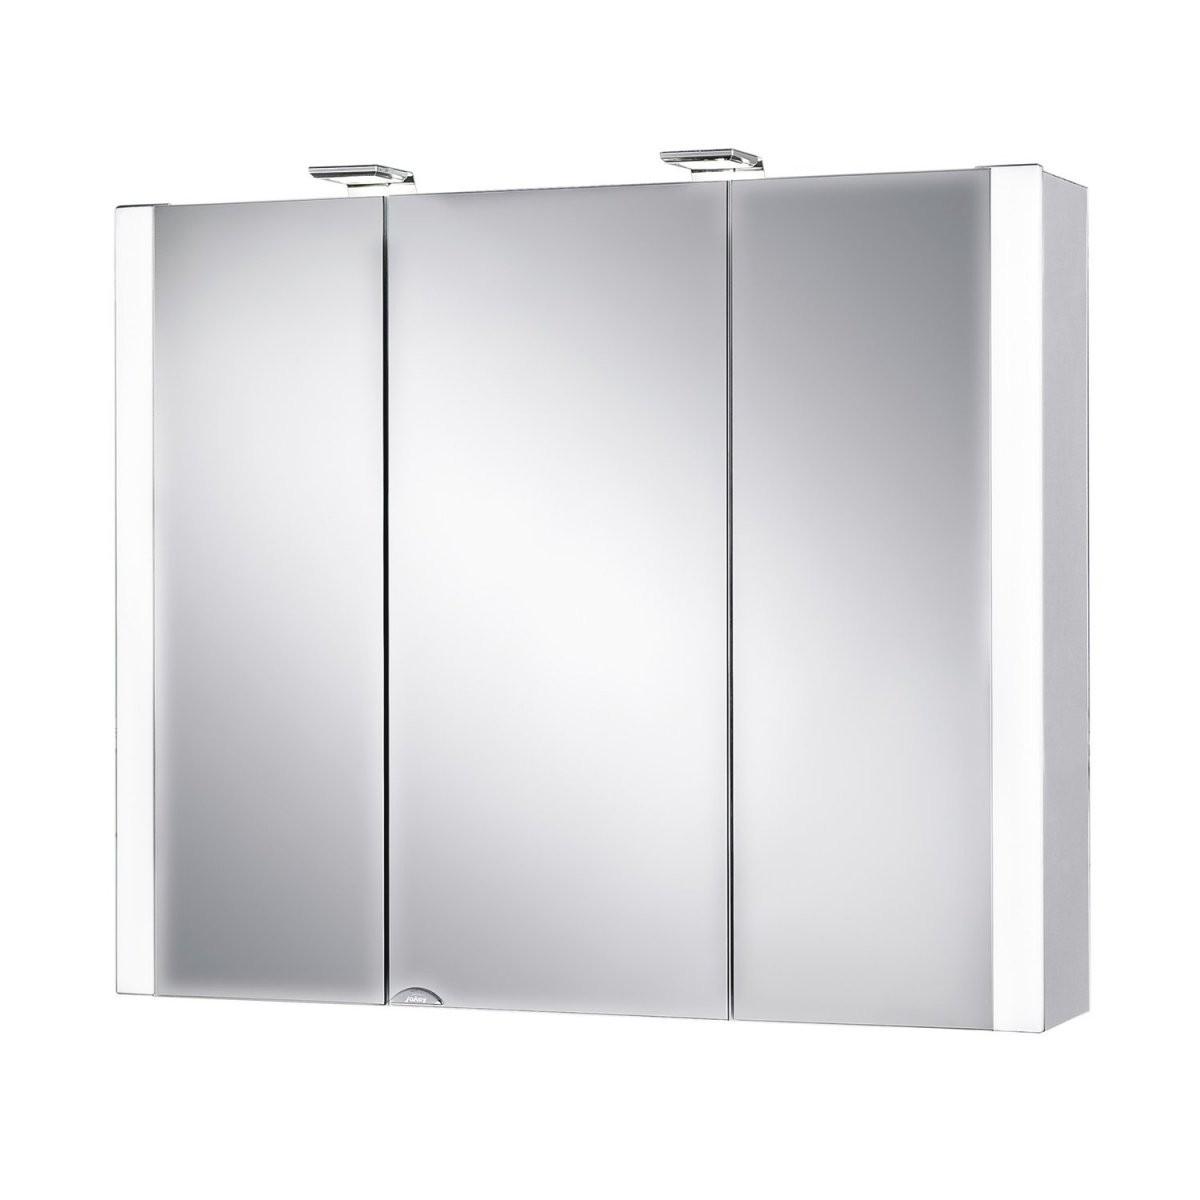 Spiegelschränke Kaufen Bei Obi  Obich von Bad Spiegelschrank Mit Beleuchtung Günstig Photo